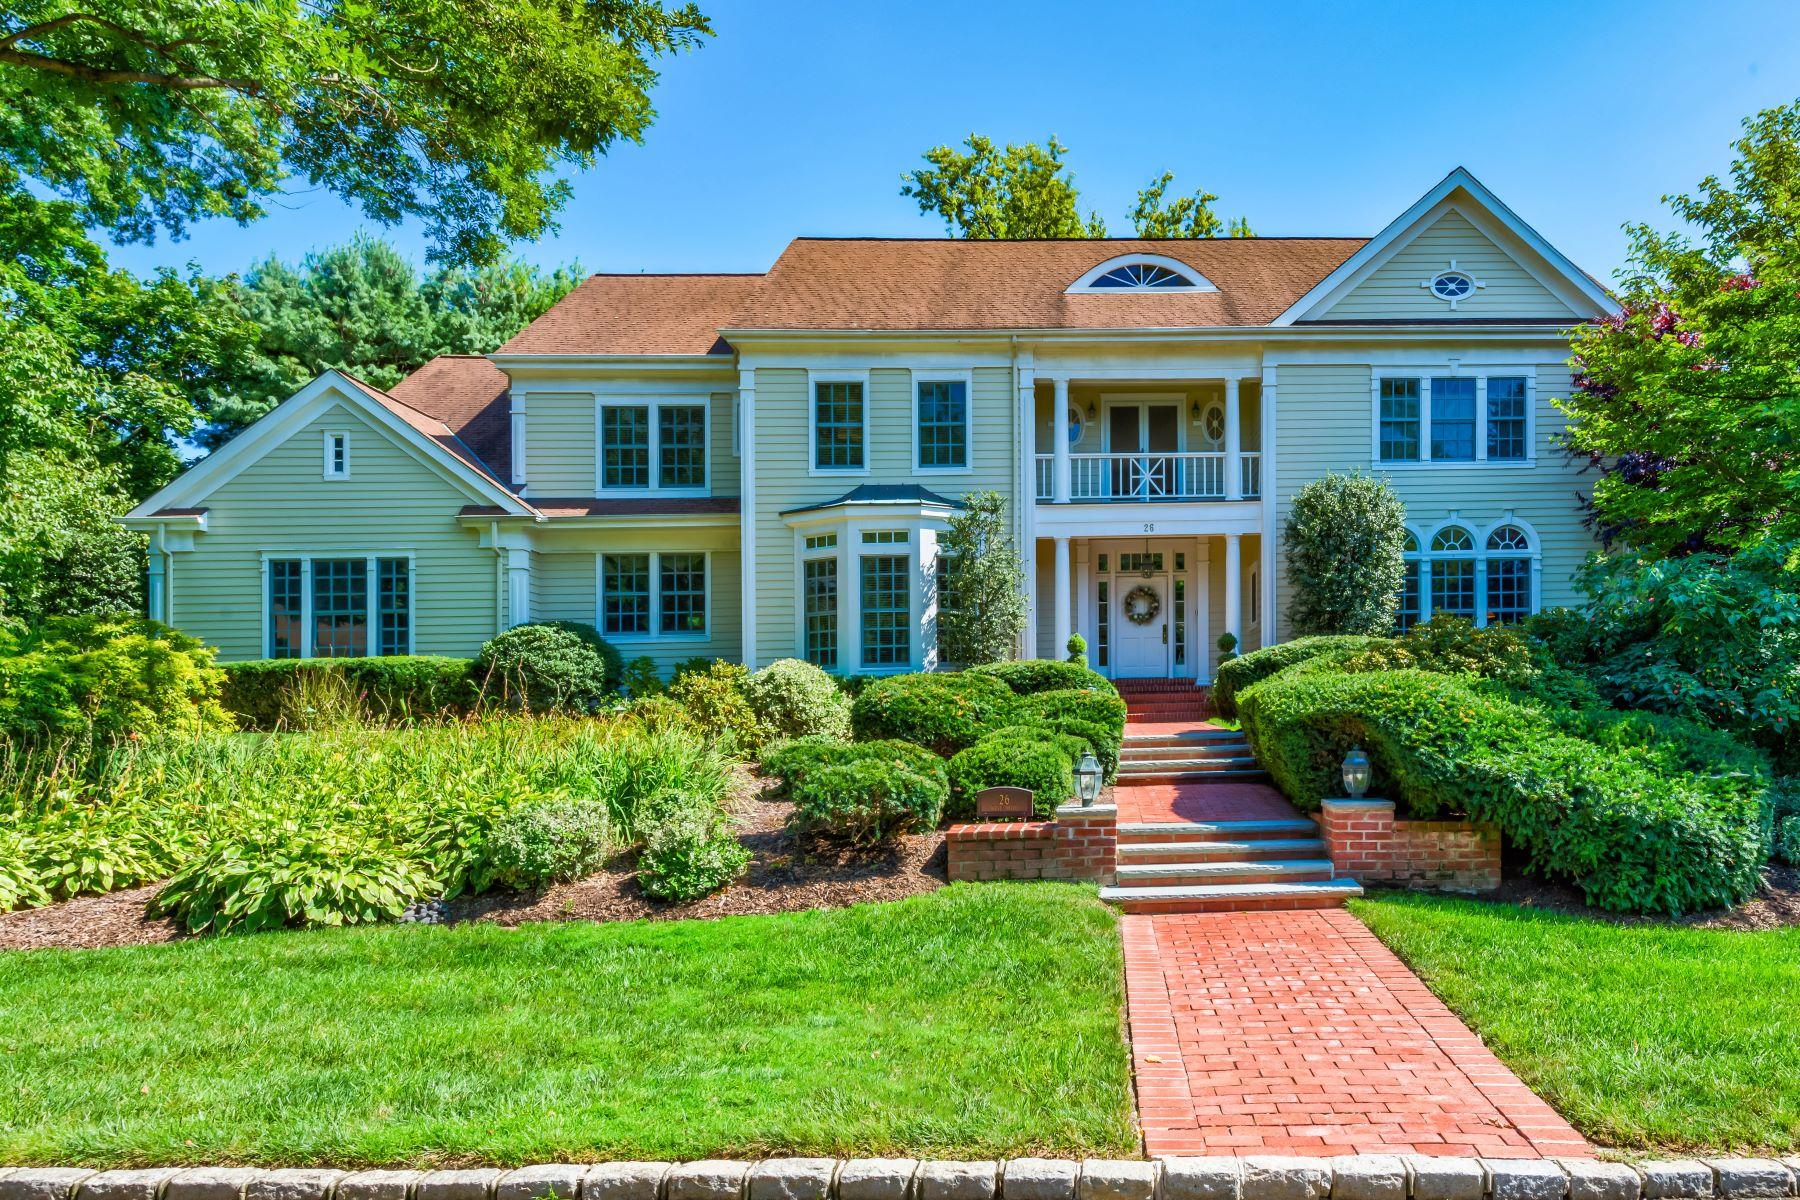 Single Family Homes für Verkauf beim Manhasset 26 West Dr, Manhasset, New York 11030 Vereinigte Staaten